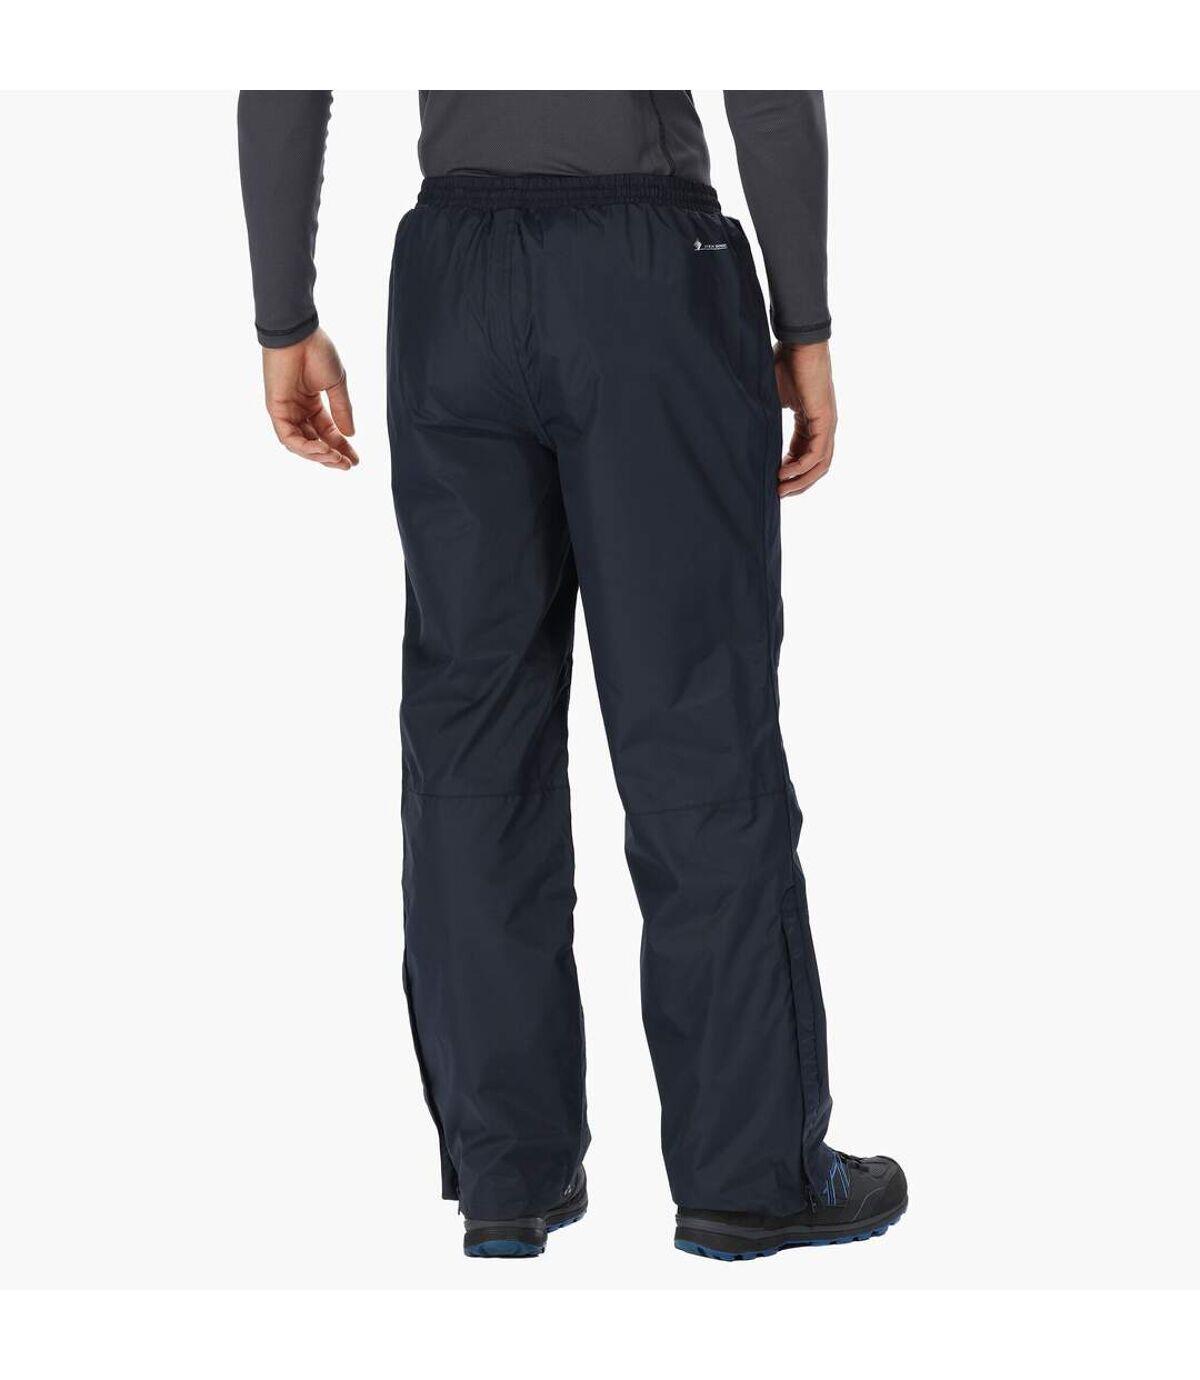 Regatta Great Outdoors Mens Chandler III Showerproof Overtrousers (Regular Leg) (Navy) - UTRG2519